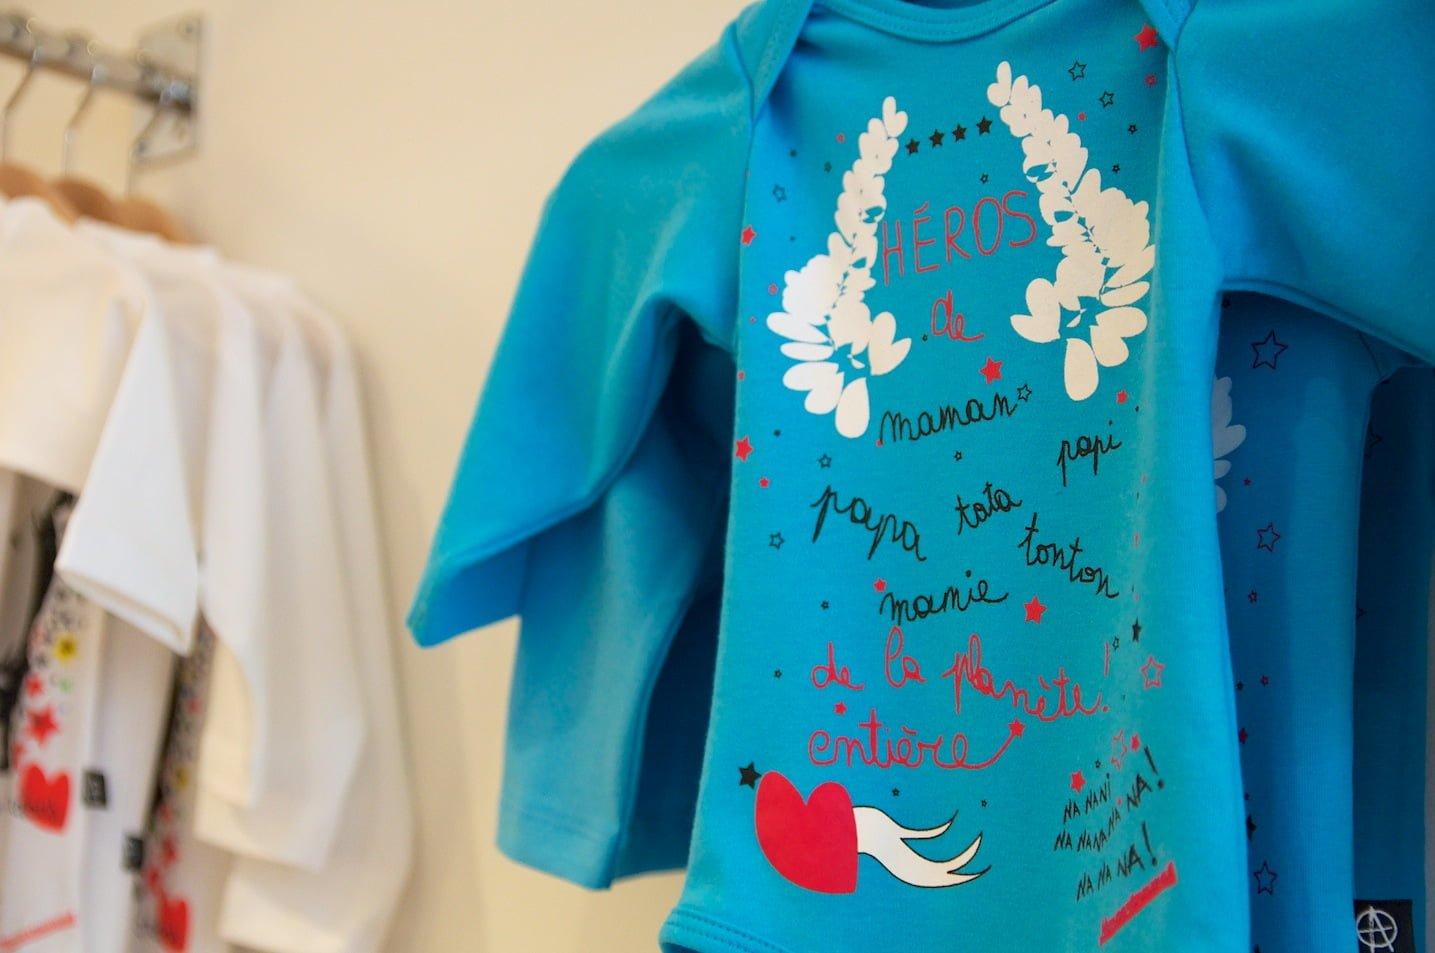 Nimporte Nawak, boutique de vêtements pour enfants à Saint Germain-en-Laye